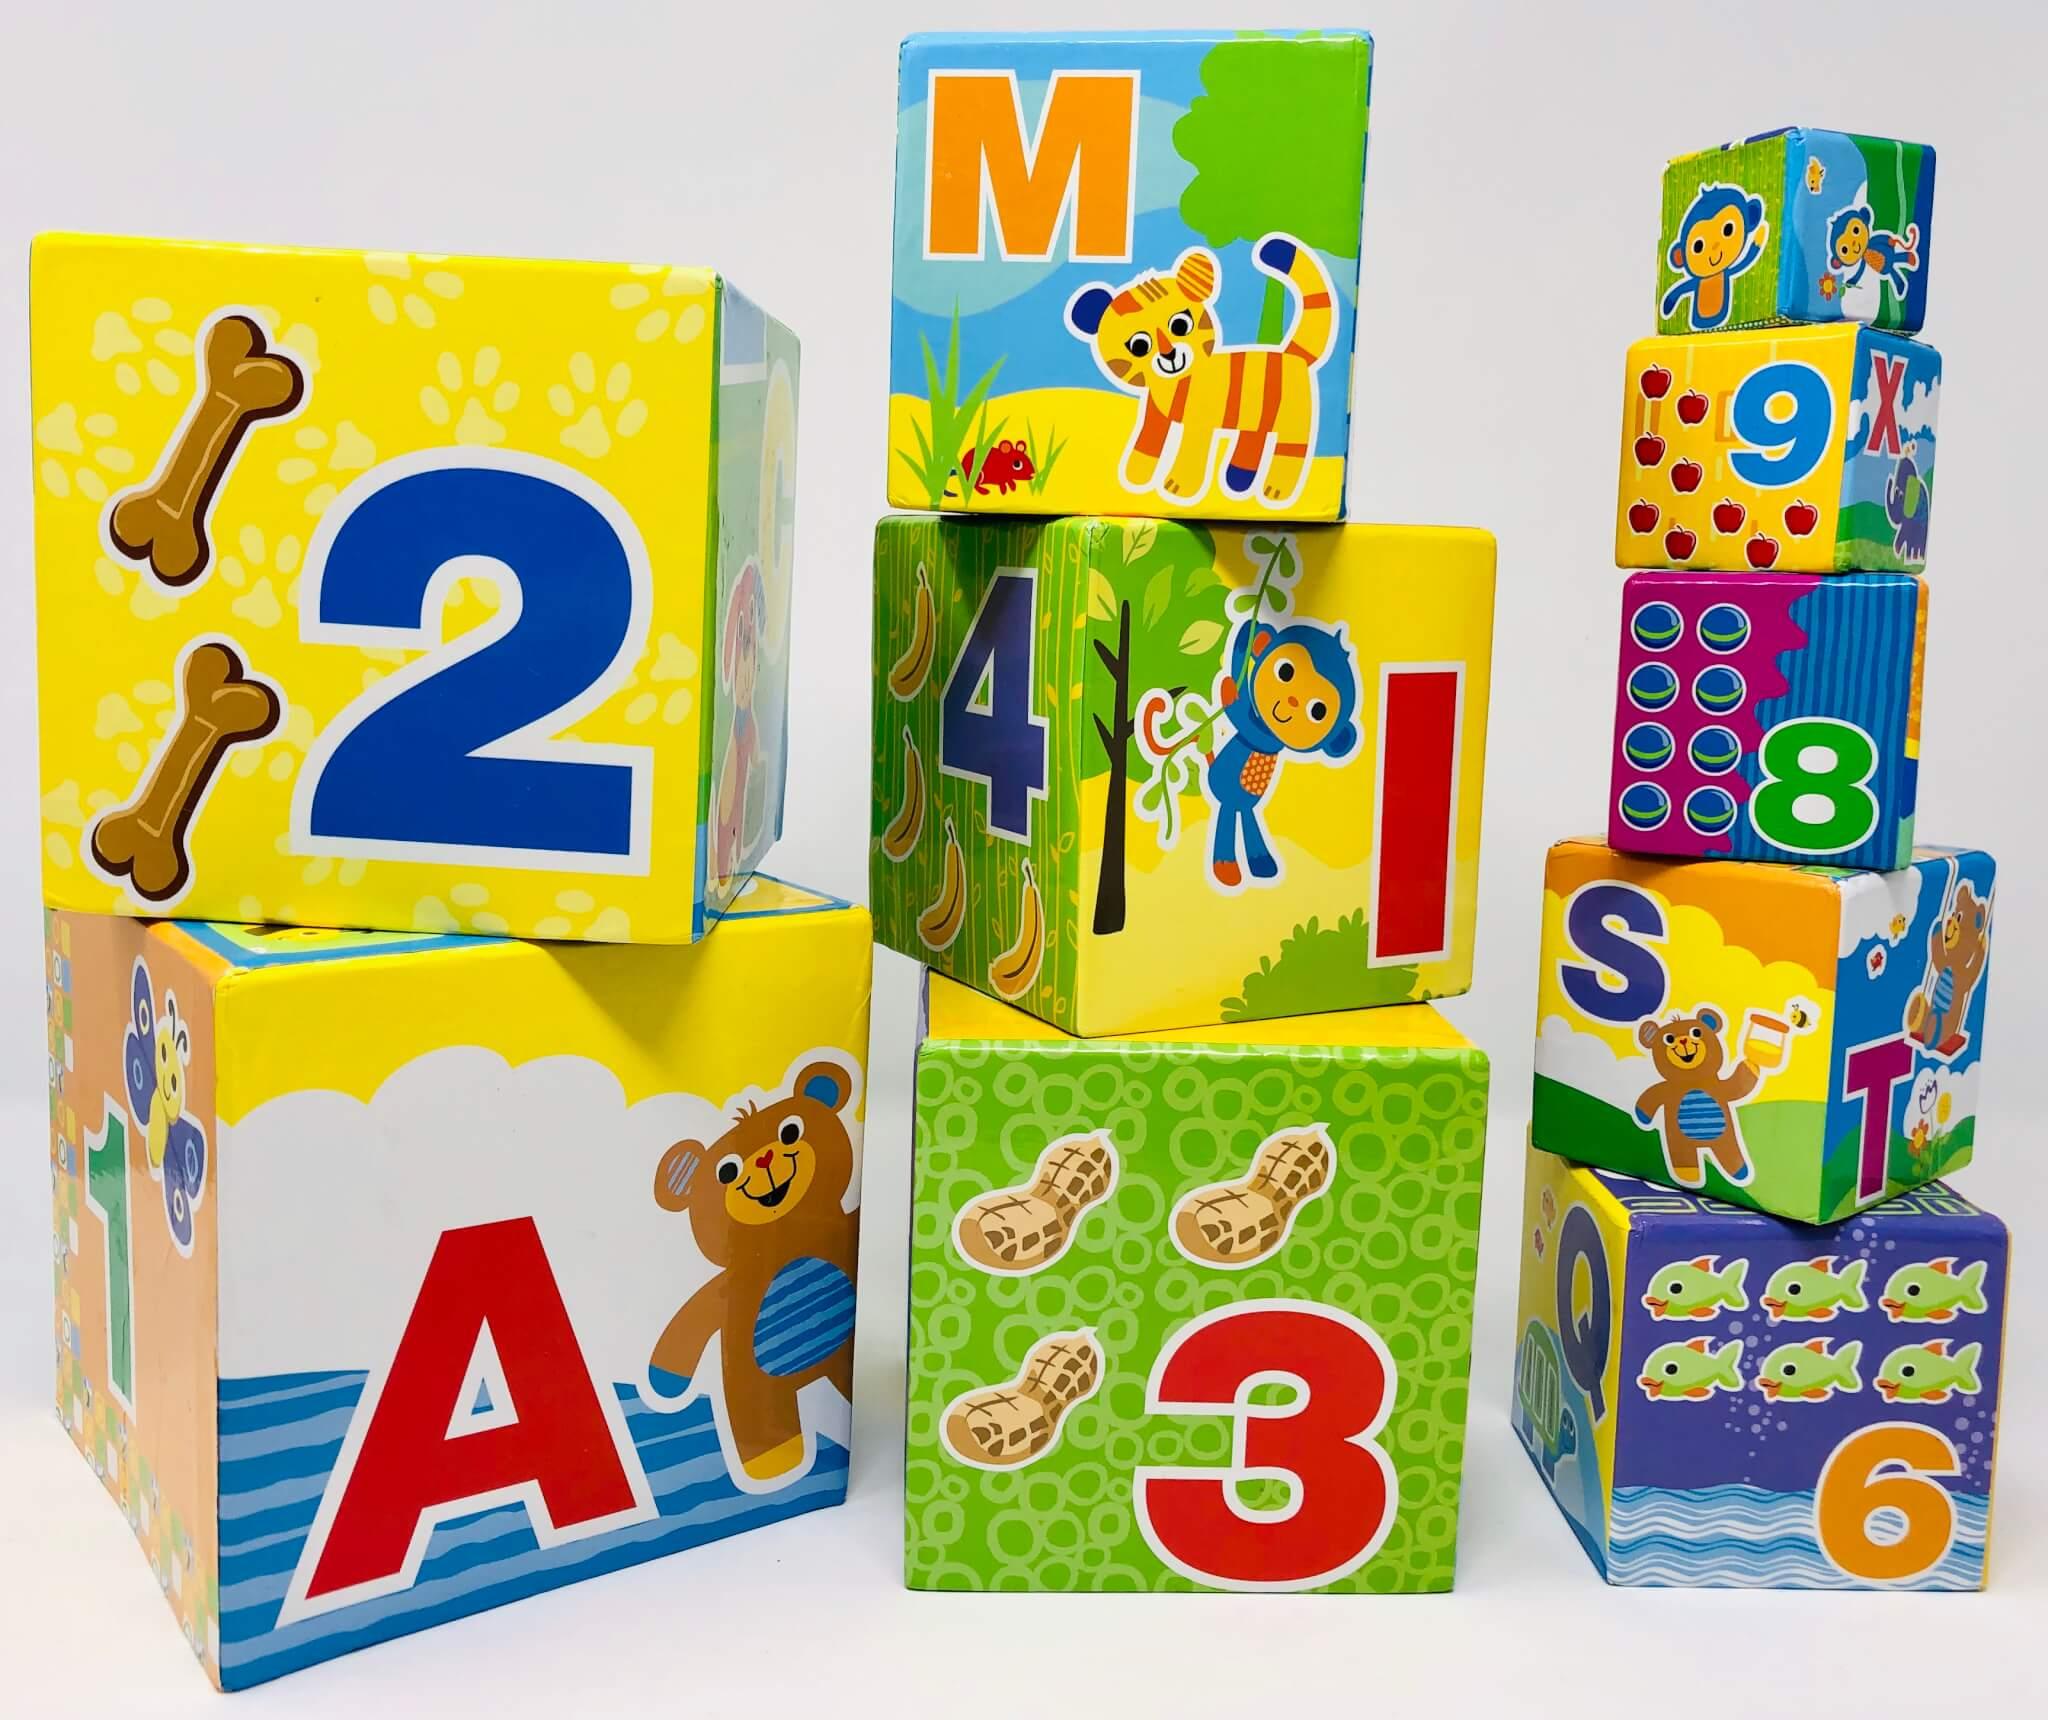 Cubes à empiler/encastrer (chiffres & lettres) (Toys' R US)